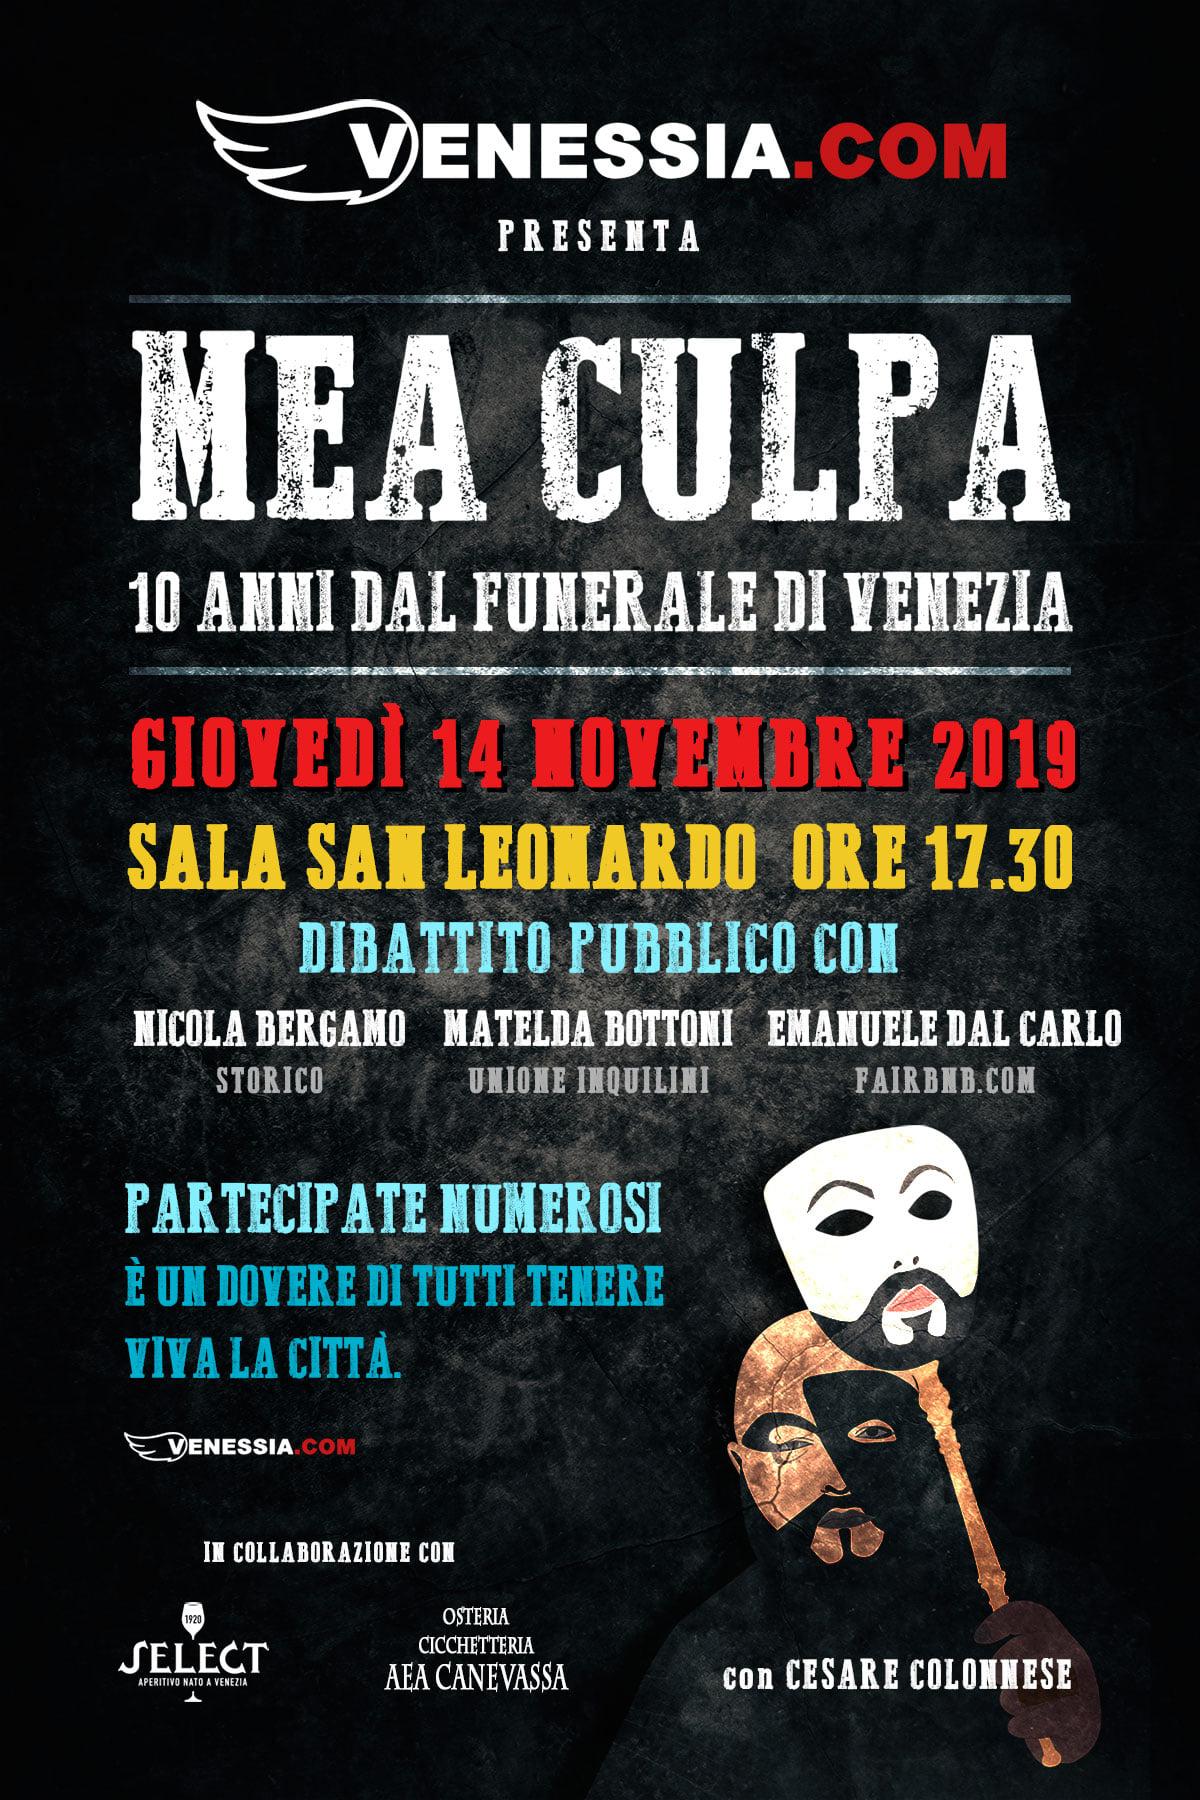 L'anniversario del funerale di Venezia